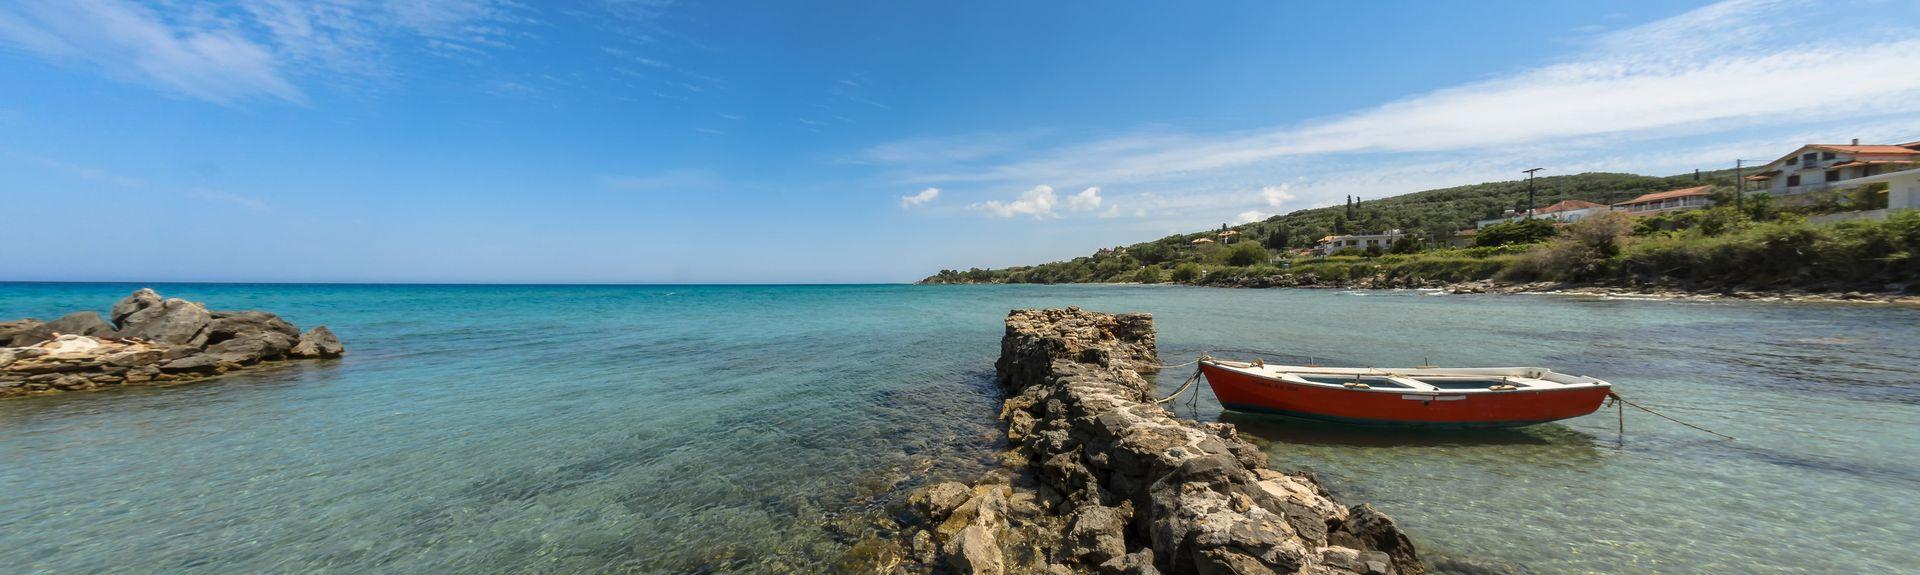 Strand van Arkoudi, Pineios, West-Griekenland, Griekenland